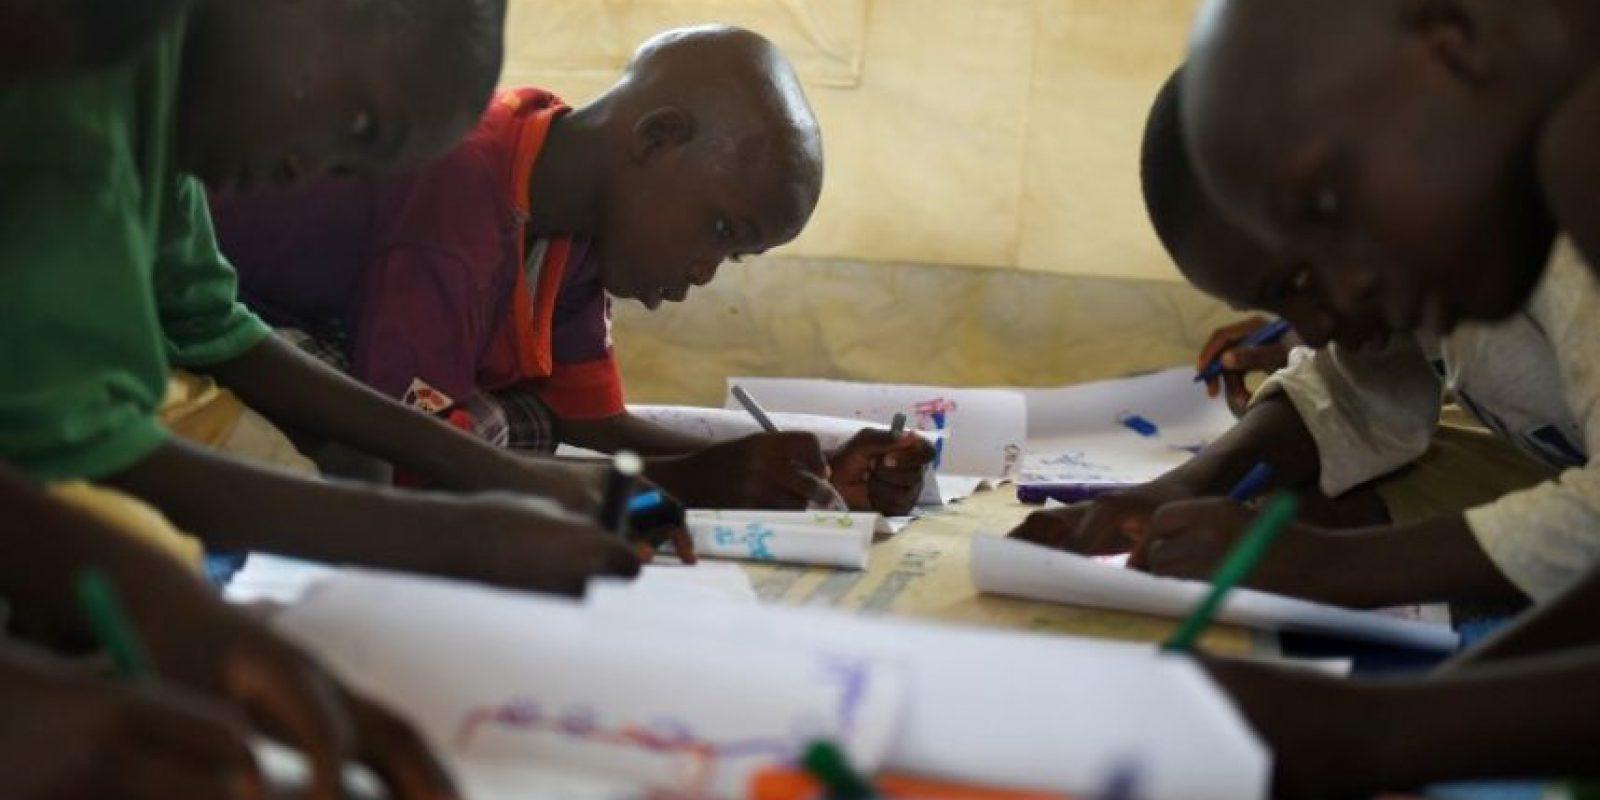 Esta terapia es realizada por la UNICEF en el refugio de Baga Sola Foto:AFP